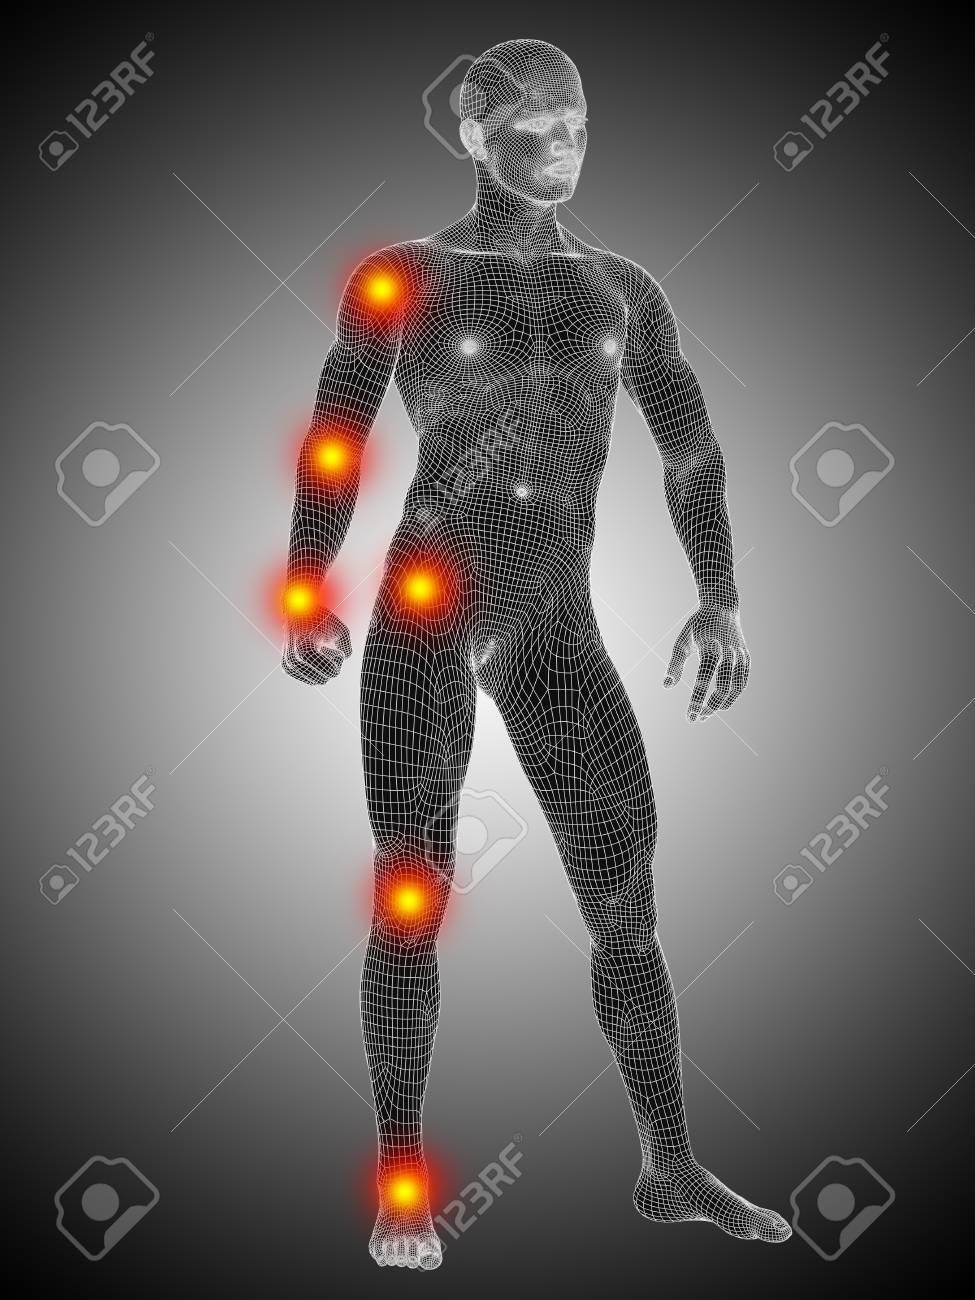 Großzügig Menschlicher Körper Anatomie Animation Ideen - Menschliche ...